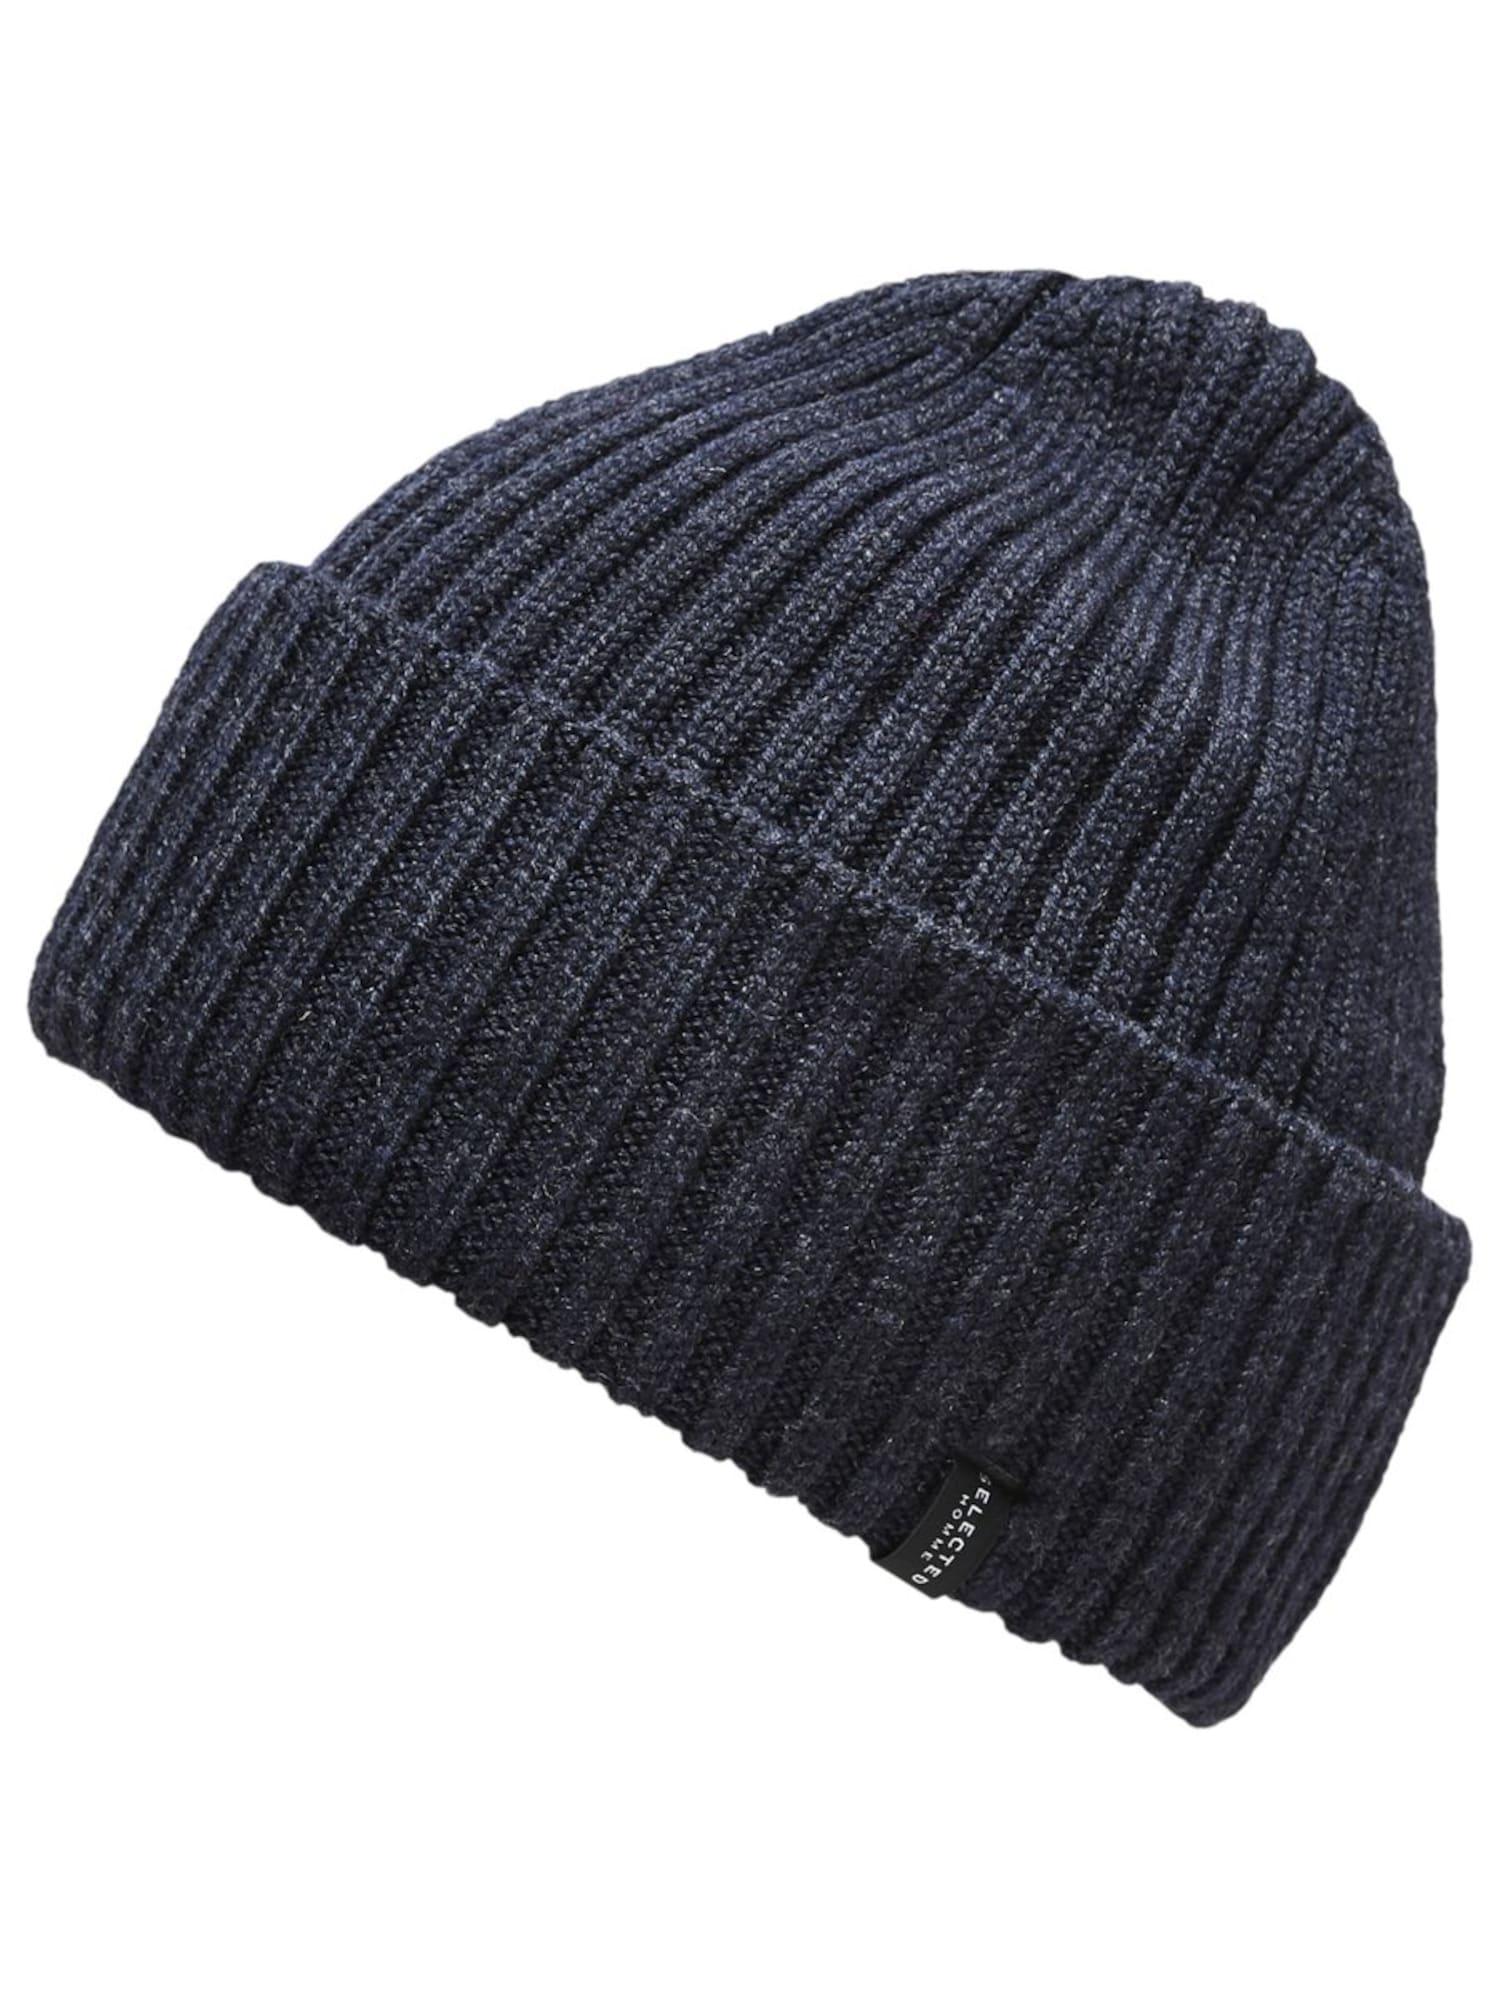 Selected Merino hat